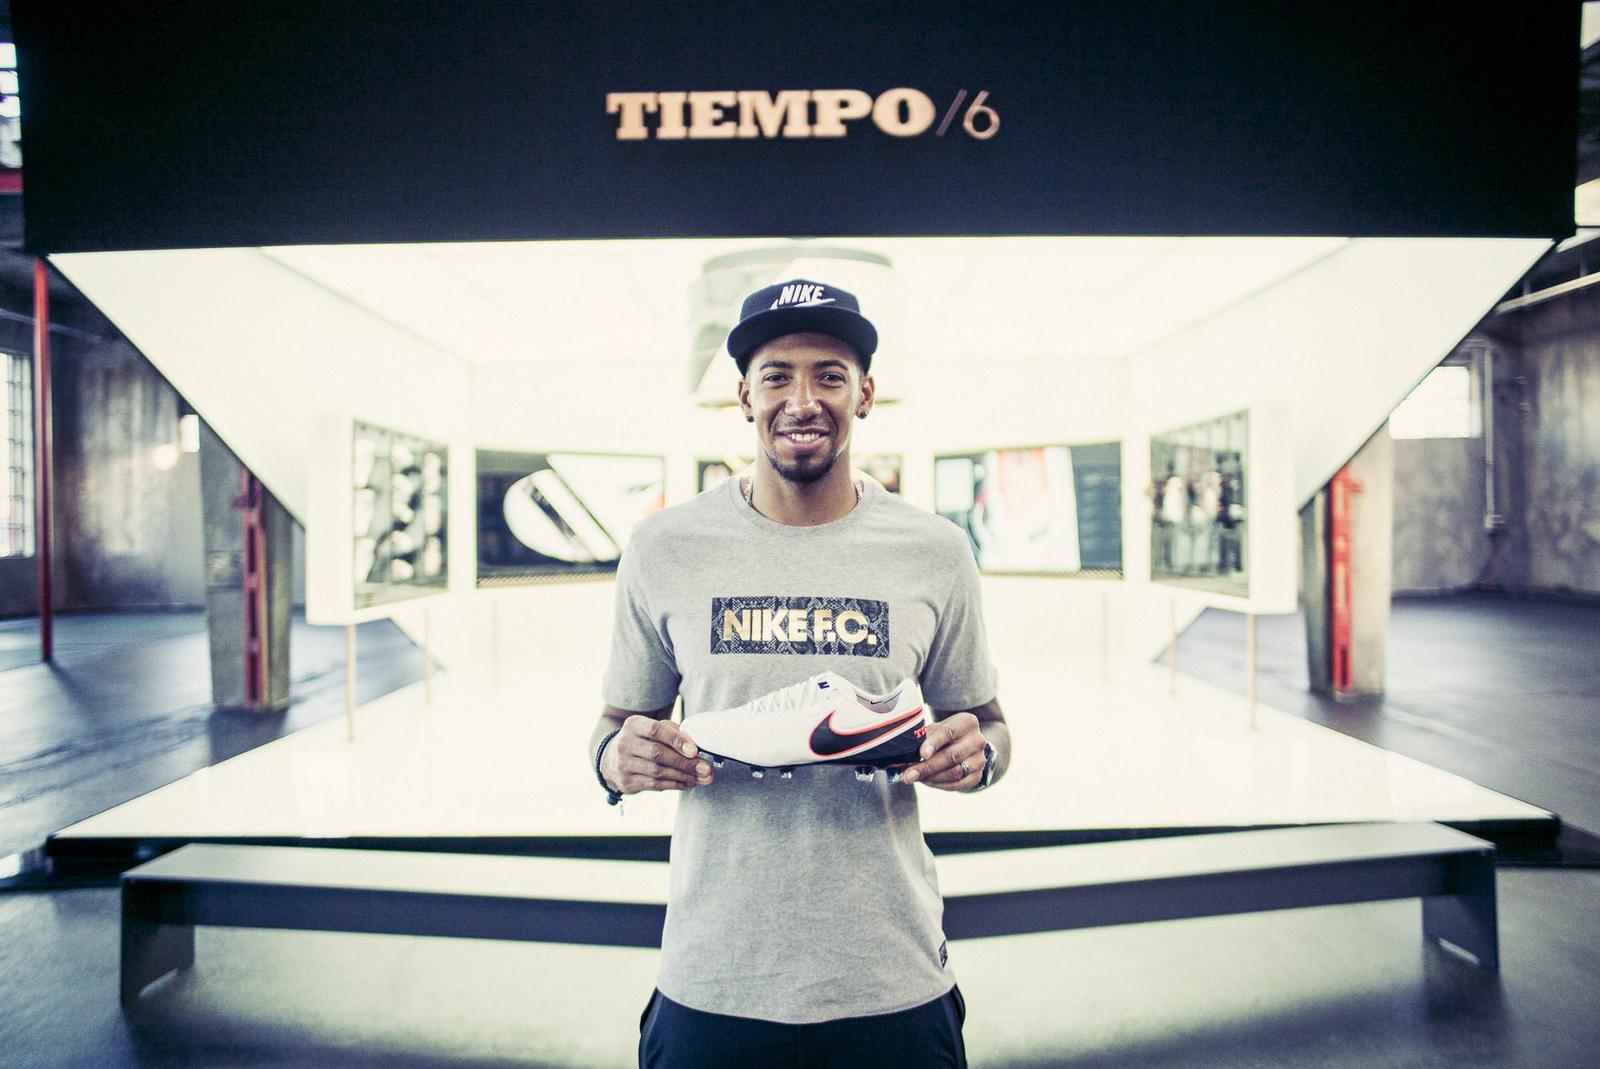 Di Nuove 6A Tiempo Monaco Le Nike Baviera hrdstQ